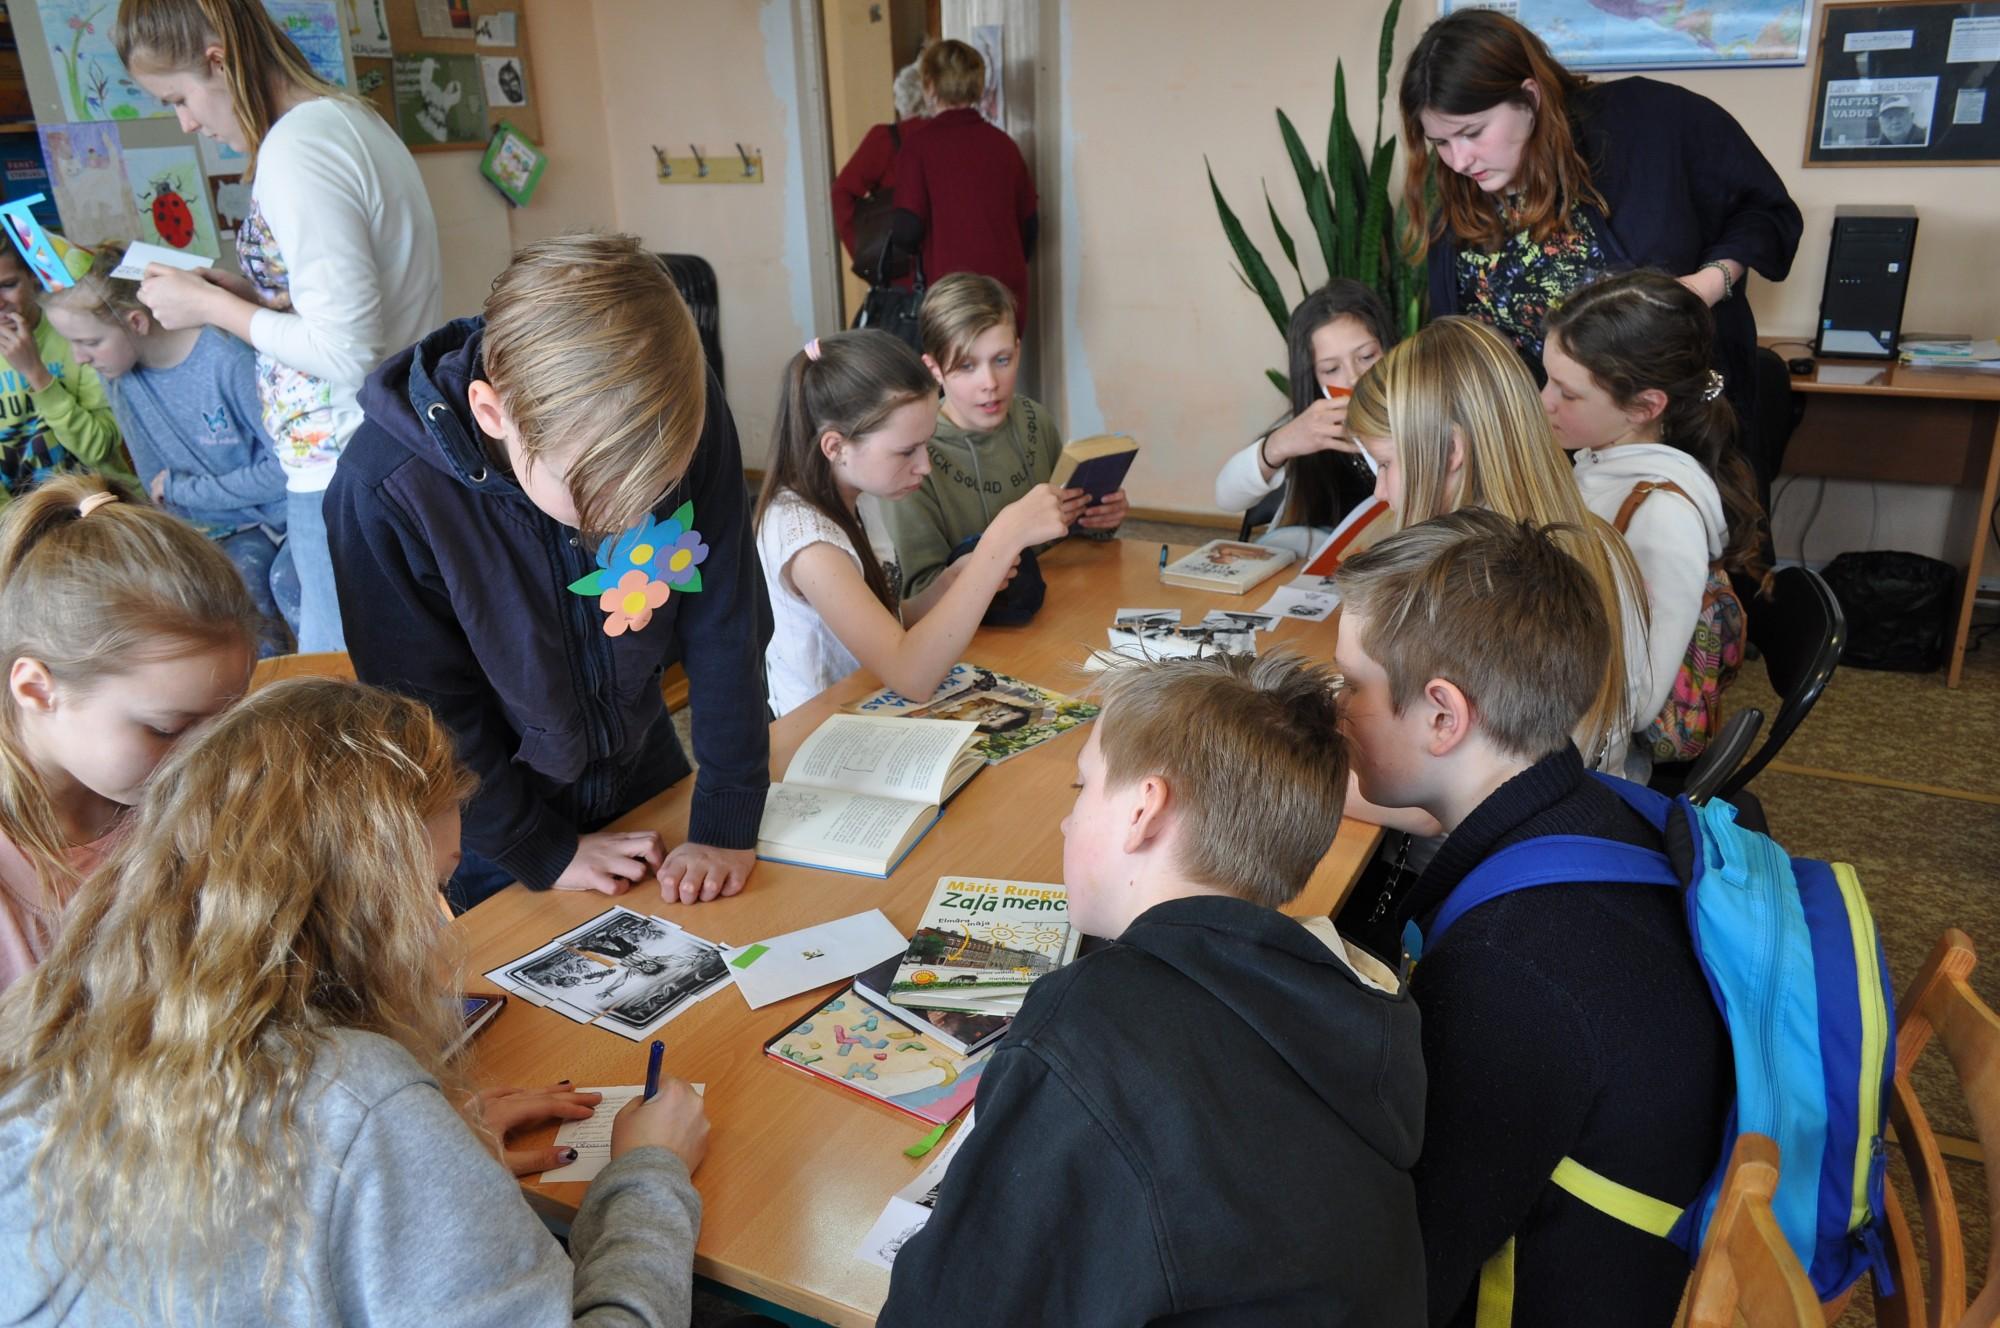 Skolēni piedalās lasīšanas konkursā